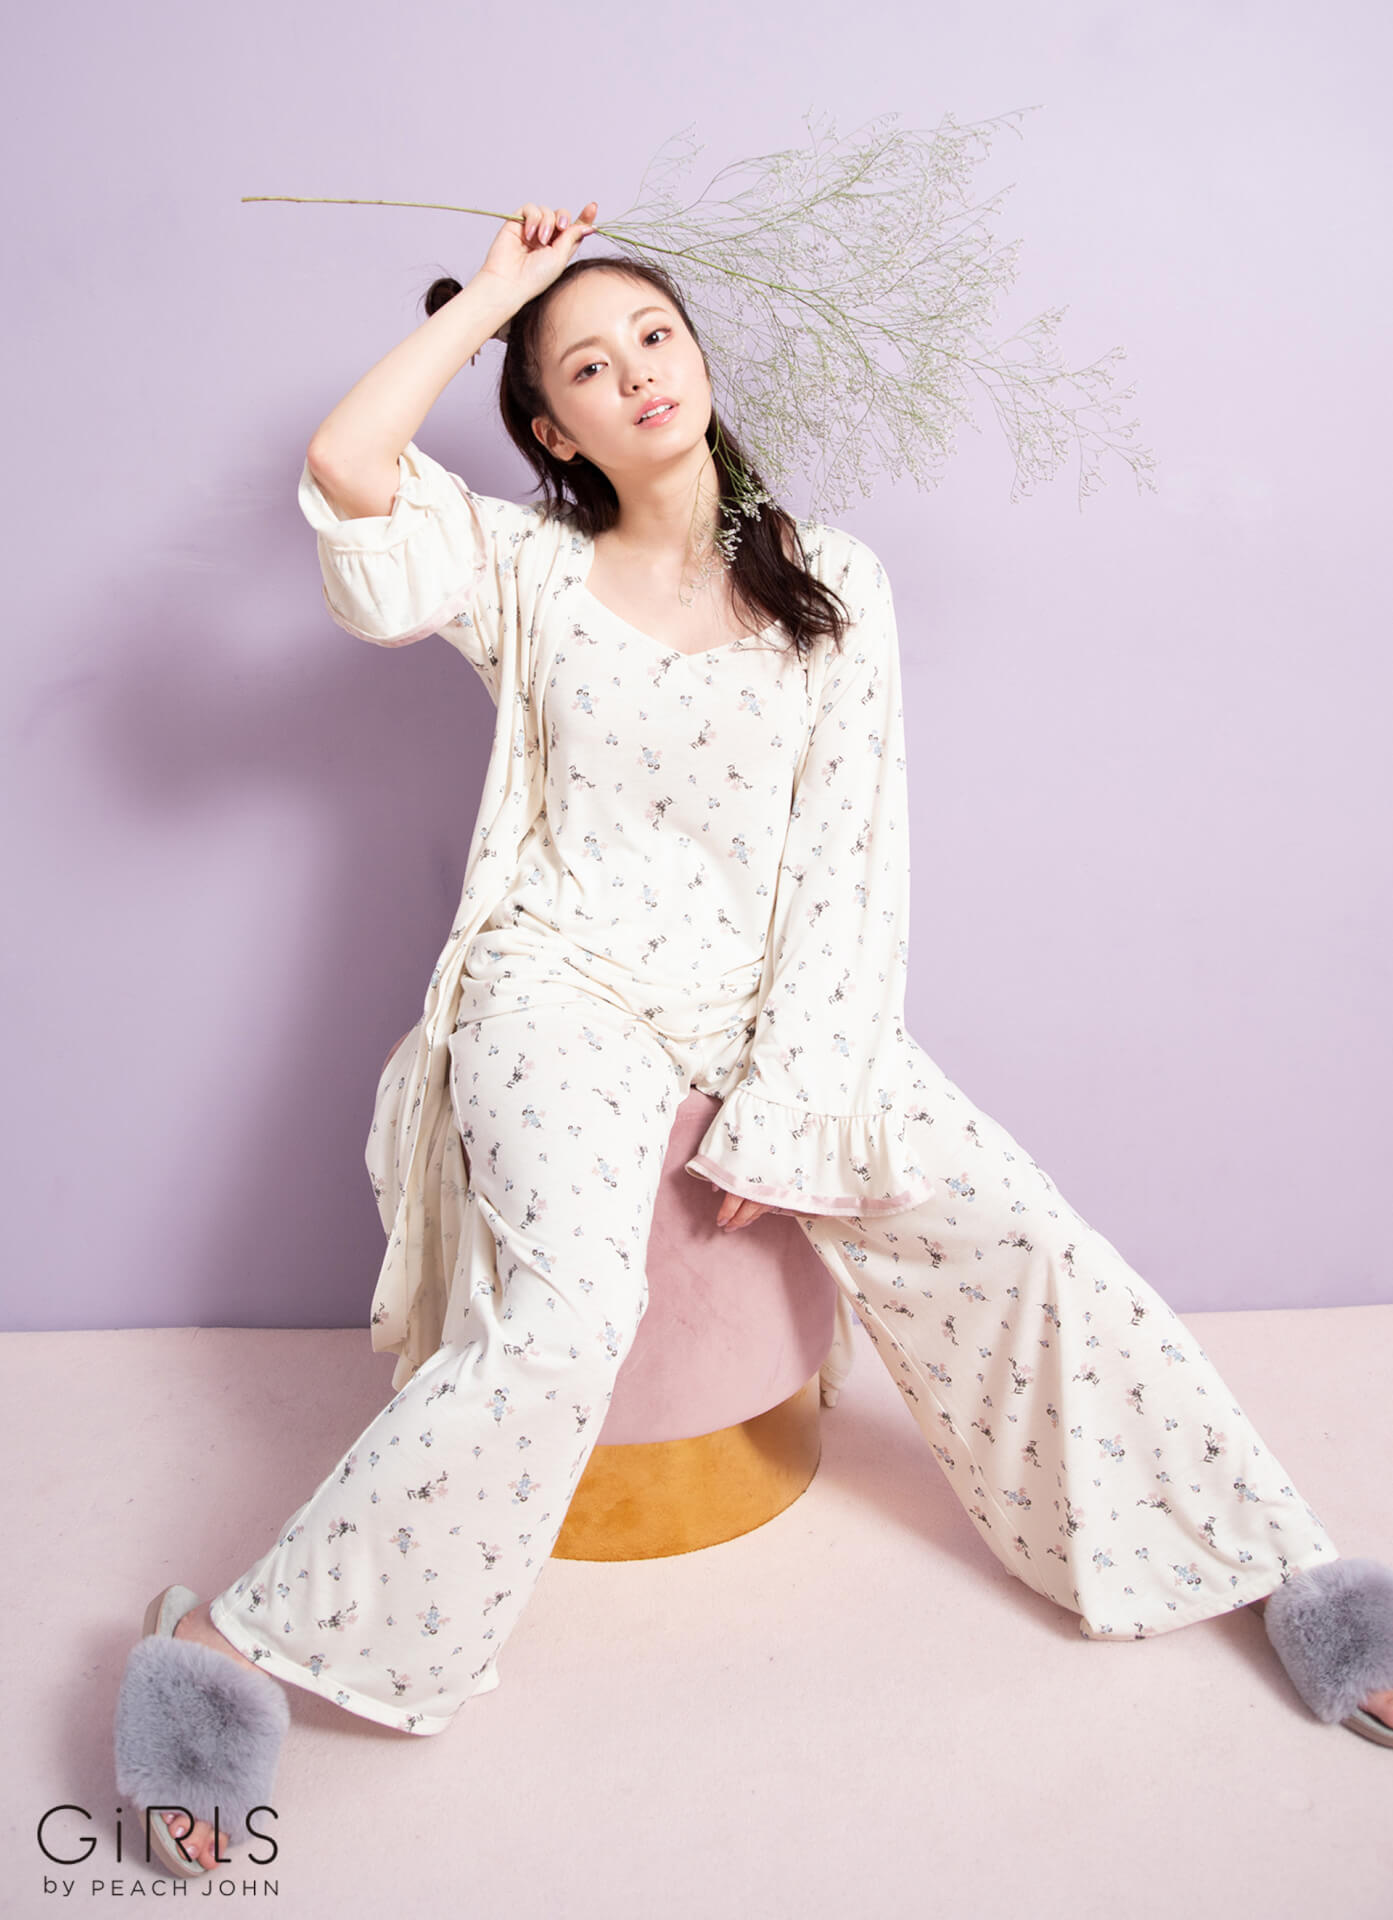 ふんわり美バストで人気の今泉佑唯がGiRLS by PEACH JOHNの新コレクションを着用!ホリデイシーズンを感じさせる新ビジュアルが公開 art201008_imaizumiyui_9